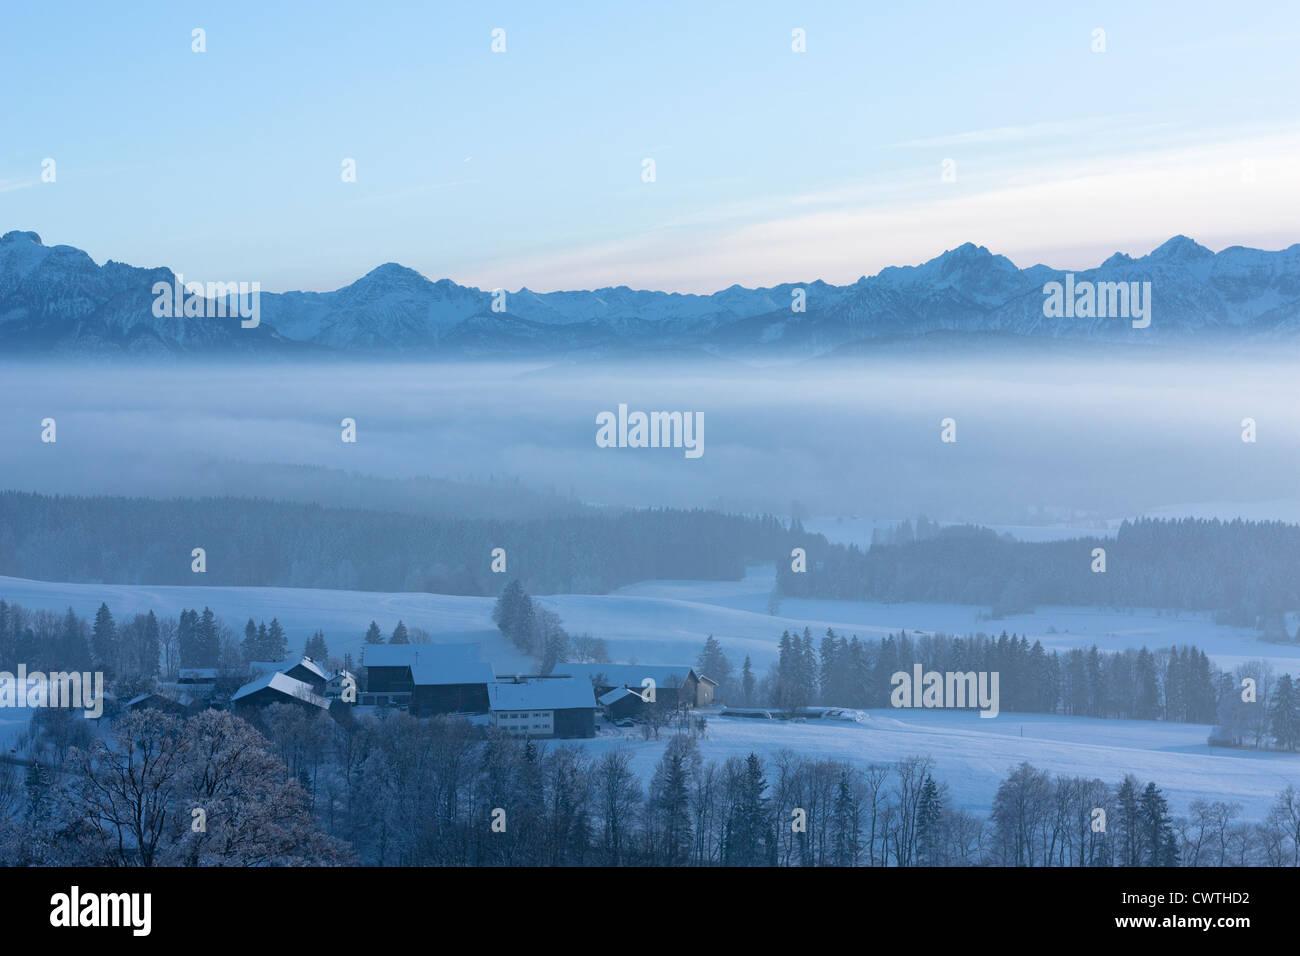 Allgäu, Bayern, Berge, Bavaria, Mist, Nebel - Stock Image